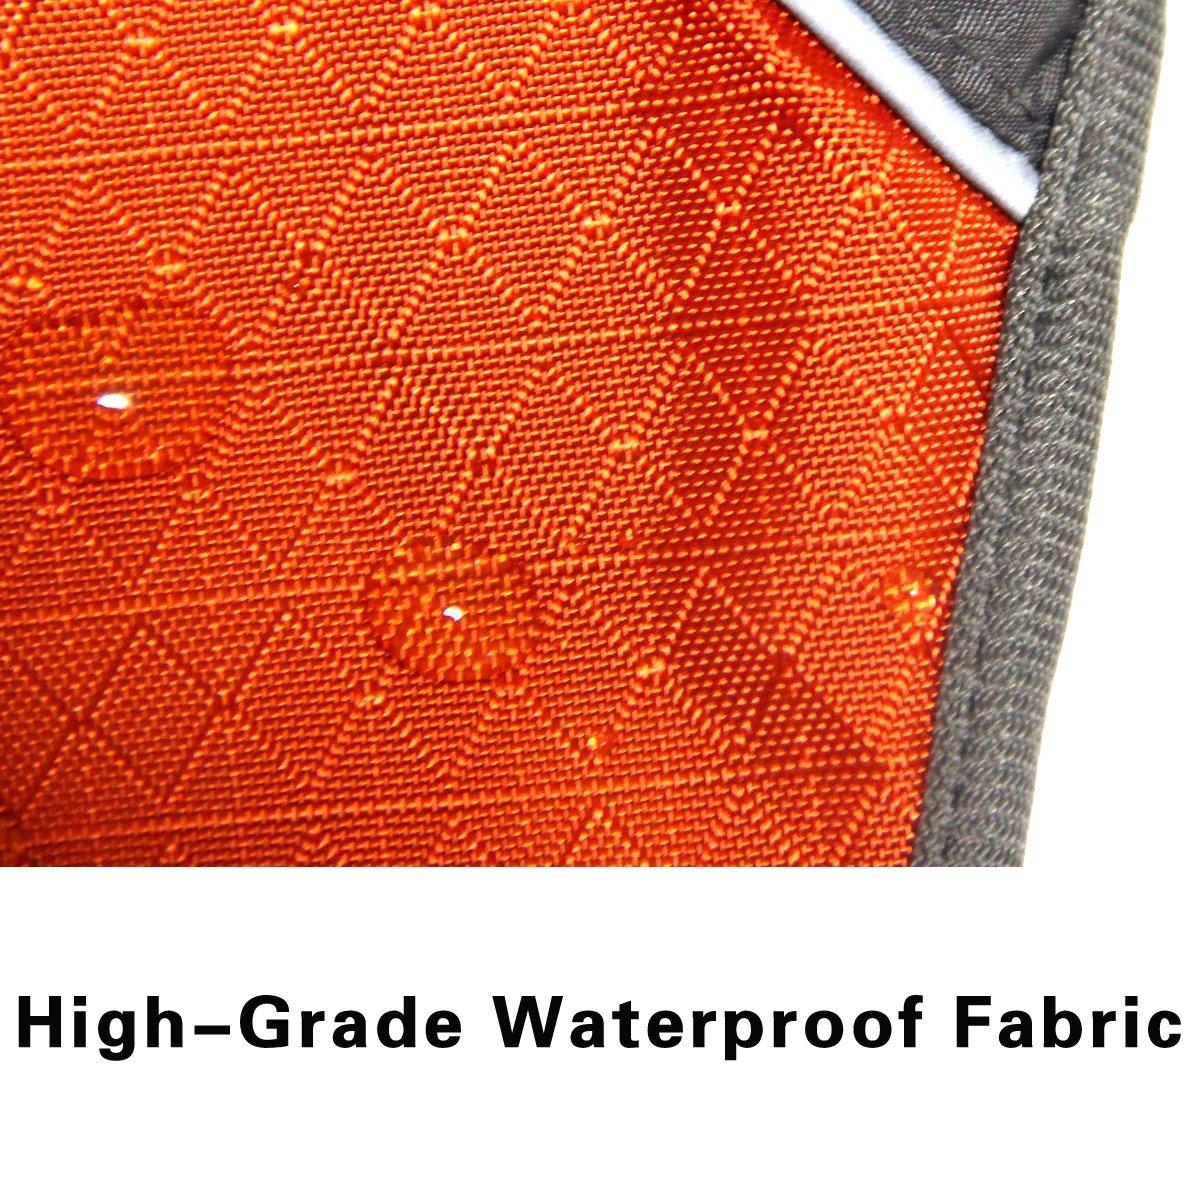 JoyDaog Premium Outdoor Sport Waterproof Raincoat Dog Jacket,Super Breathable Mesh Lined Dog Coats for Large Dogs, Orange XXXL by JoyDaog (Image #3)